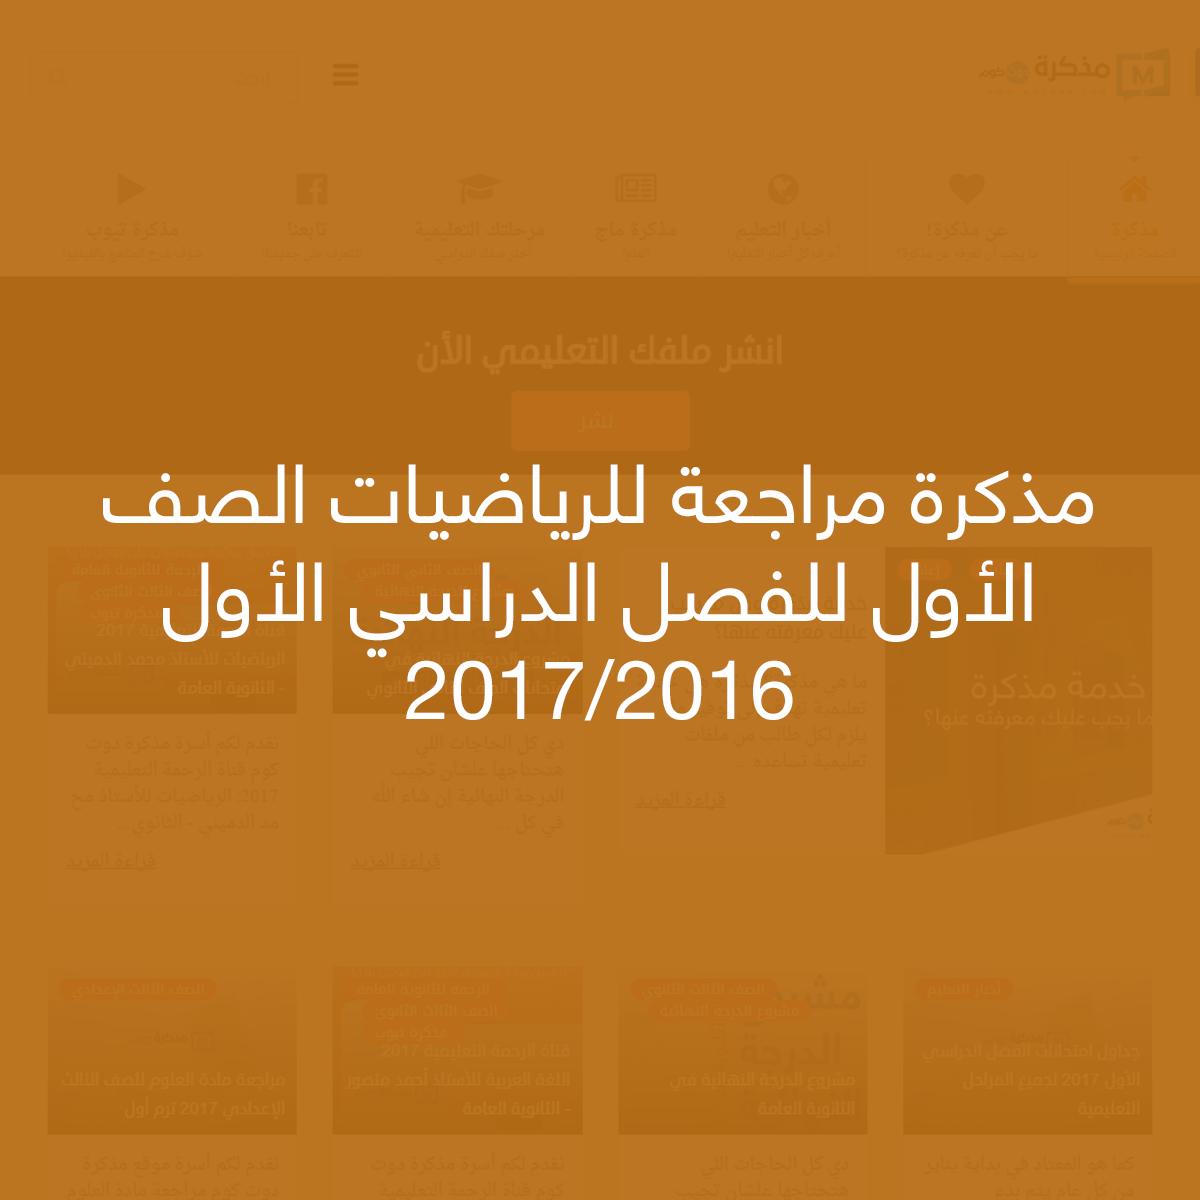 مذكرة مراجعة للرياضيات الصف الأول للفصل الدراسي الأول 2016/2017